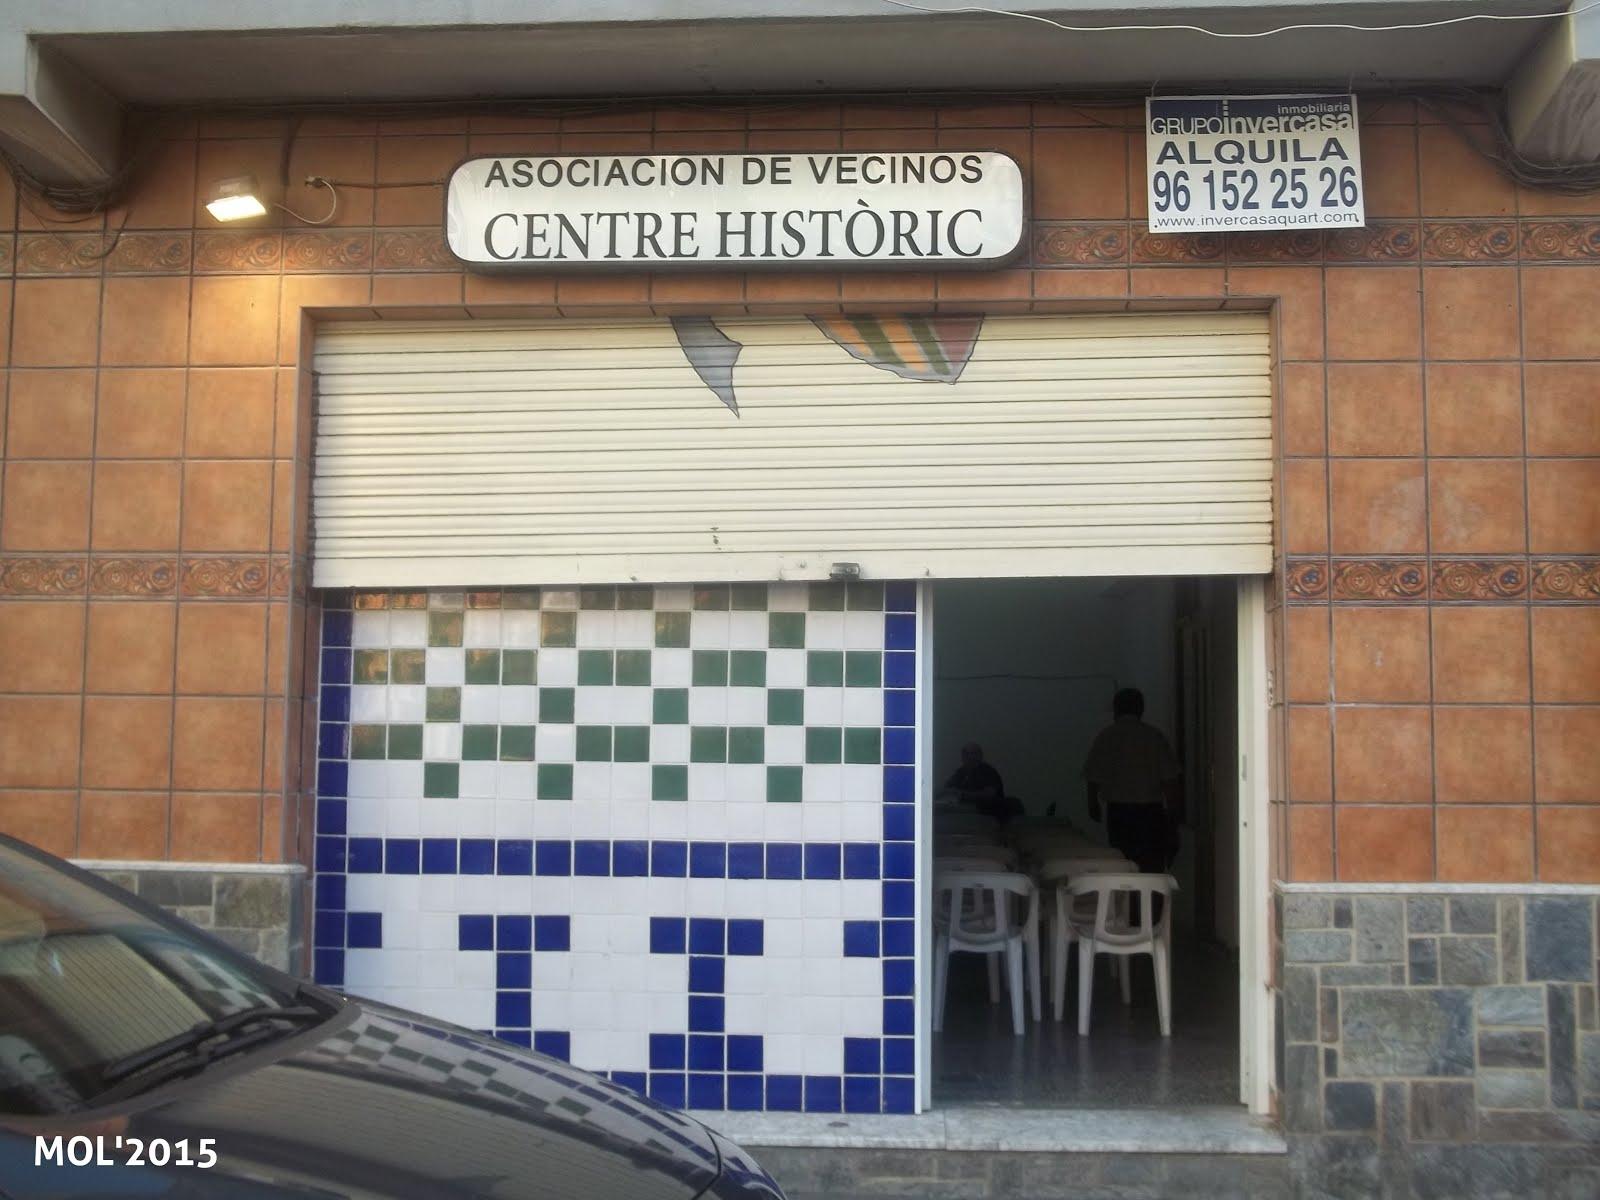 20.05.15 REUNIÓN DE LA ASOCIACIÓN DE VECINOS DEL CENTRO HISTÓRICO